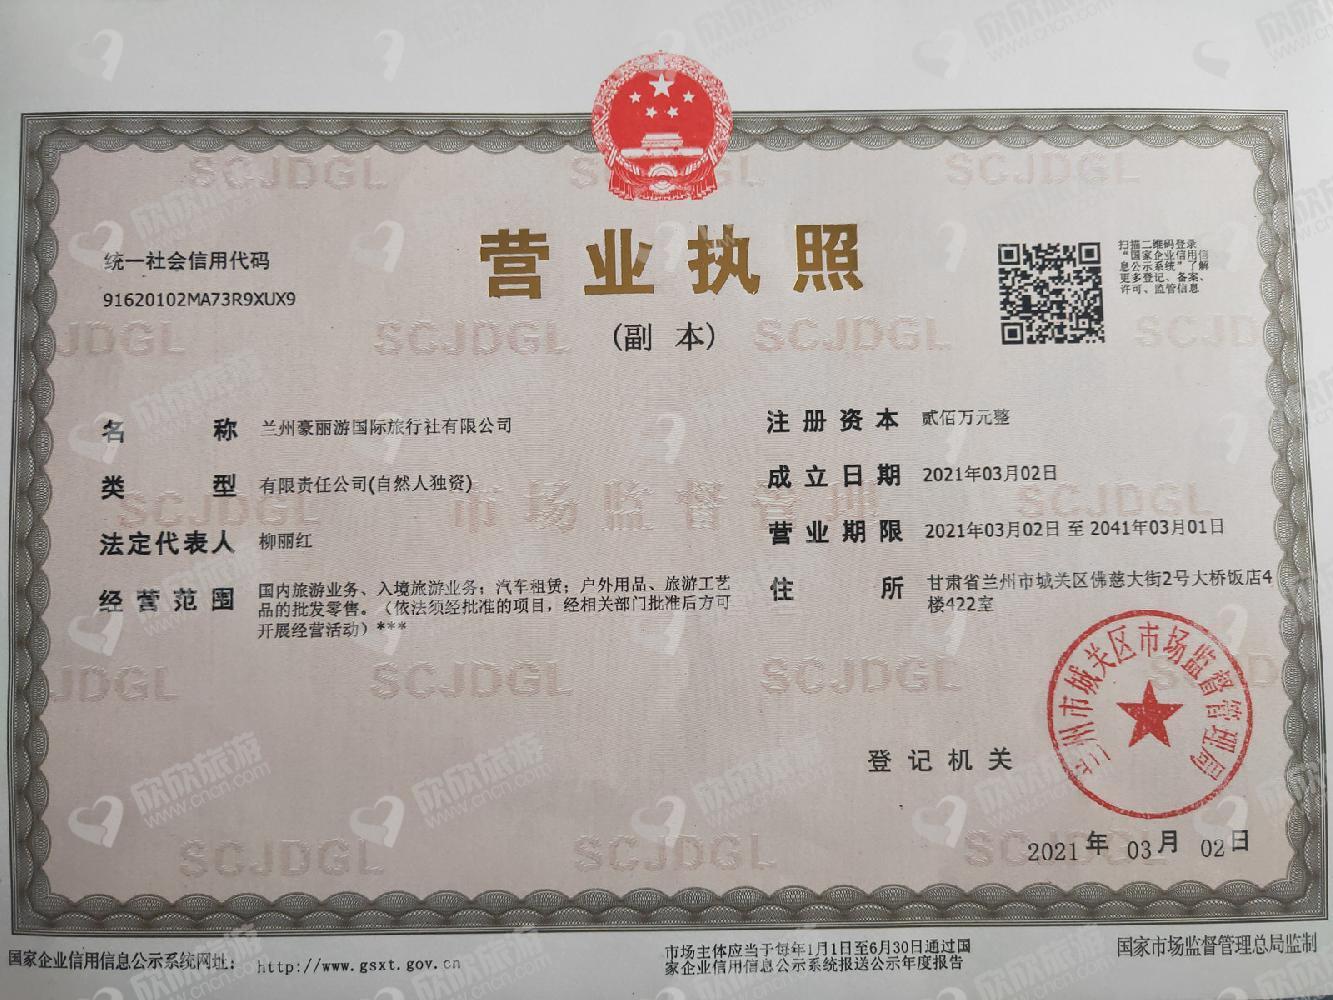 兰州豪丽游国际旅行社有限公司营业执照